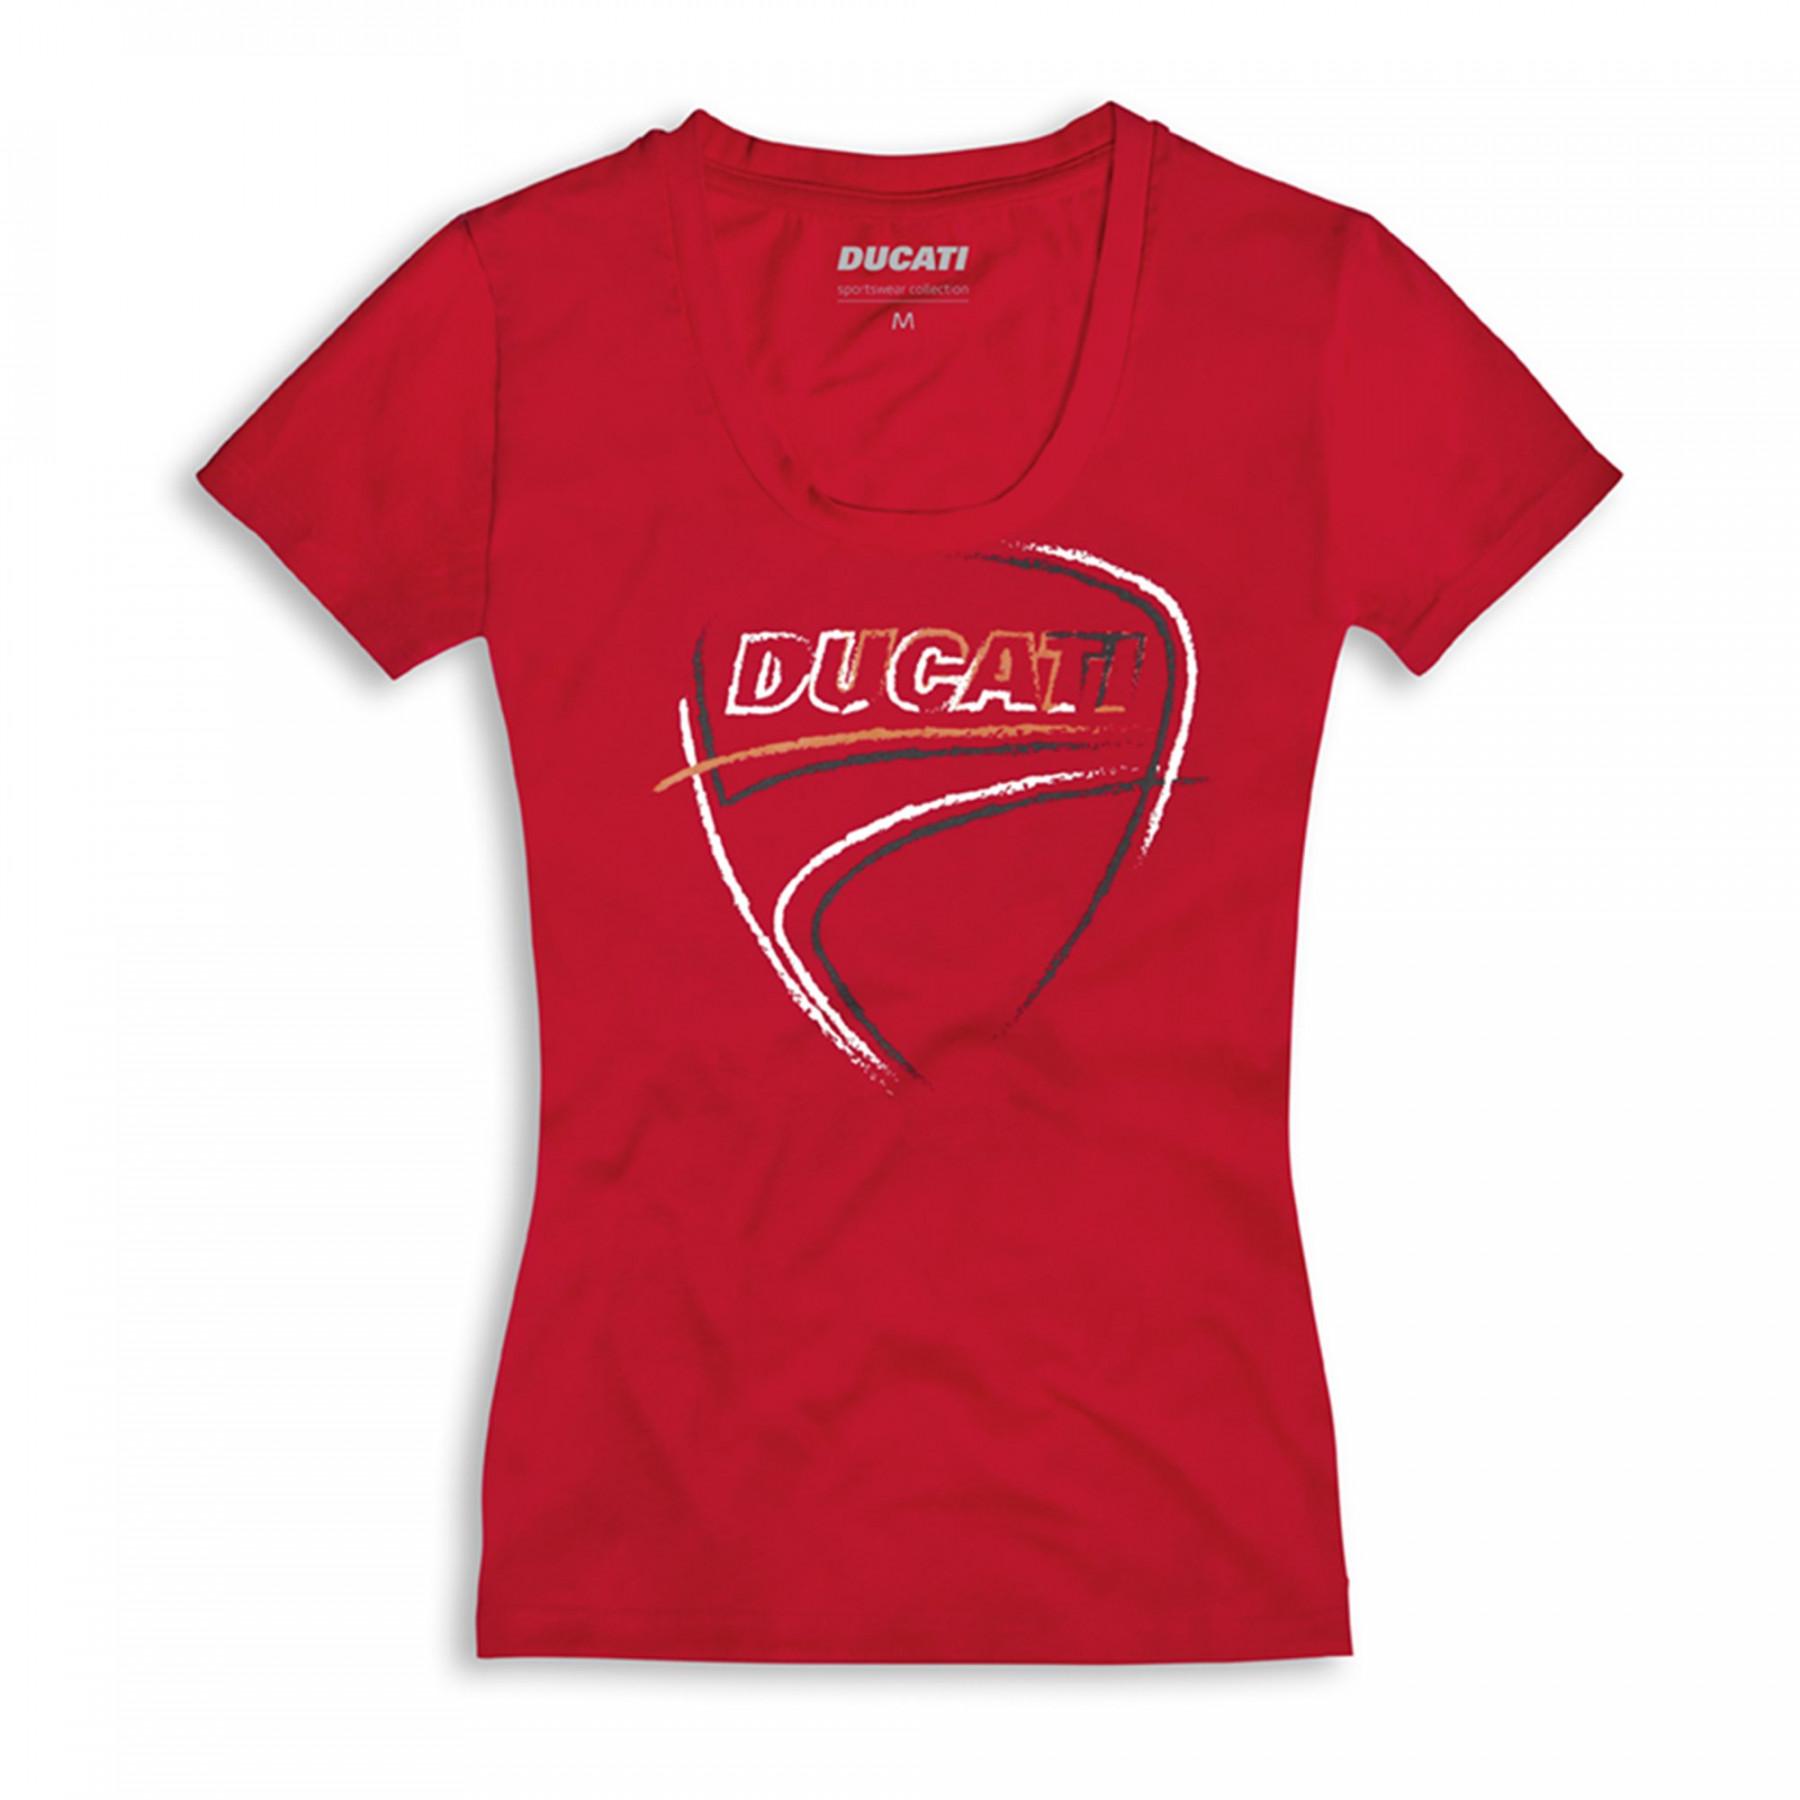 T-shirt Heart Beat woman Ducati